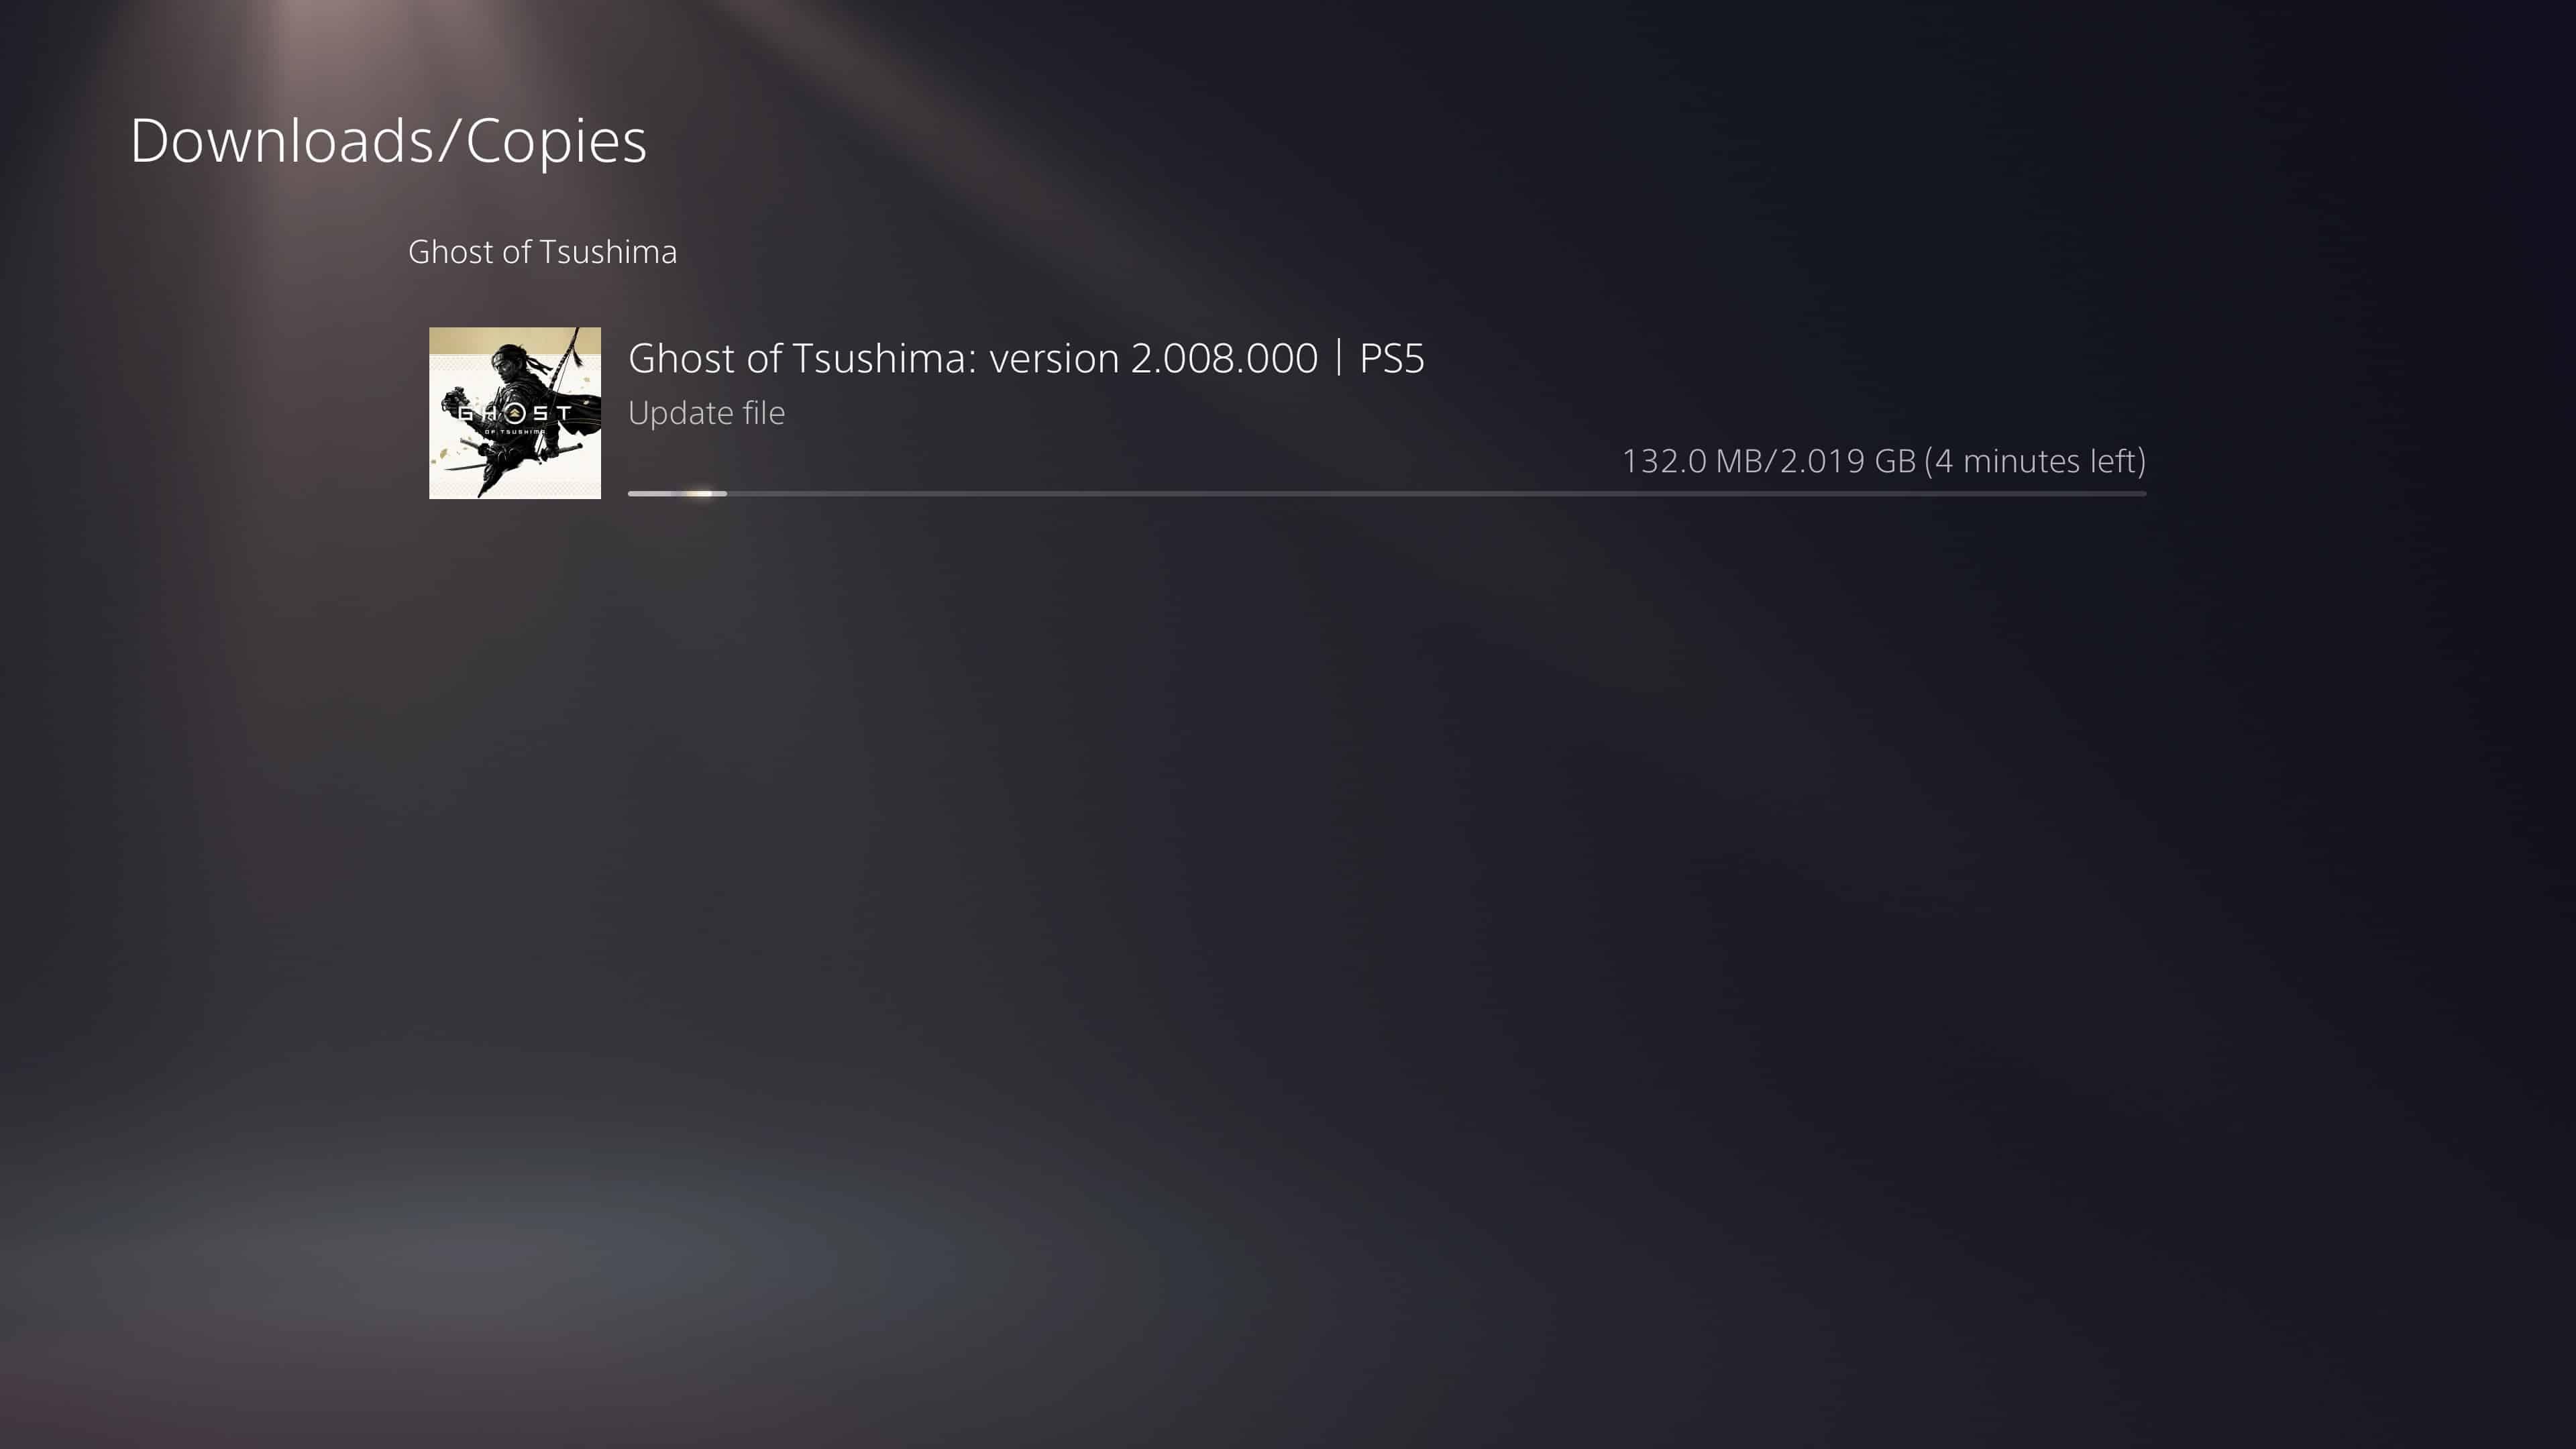 Ghost of Tsushima Update 2.08